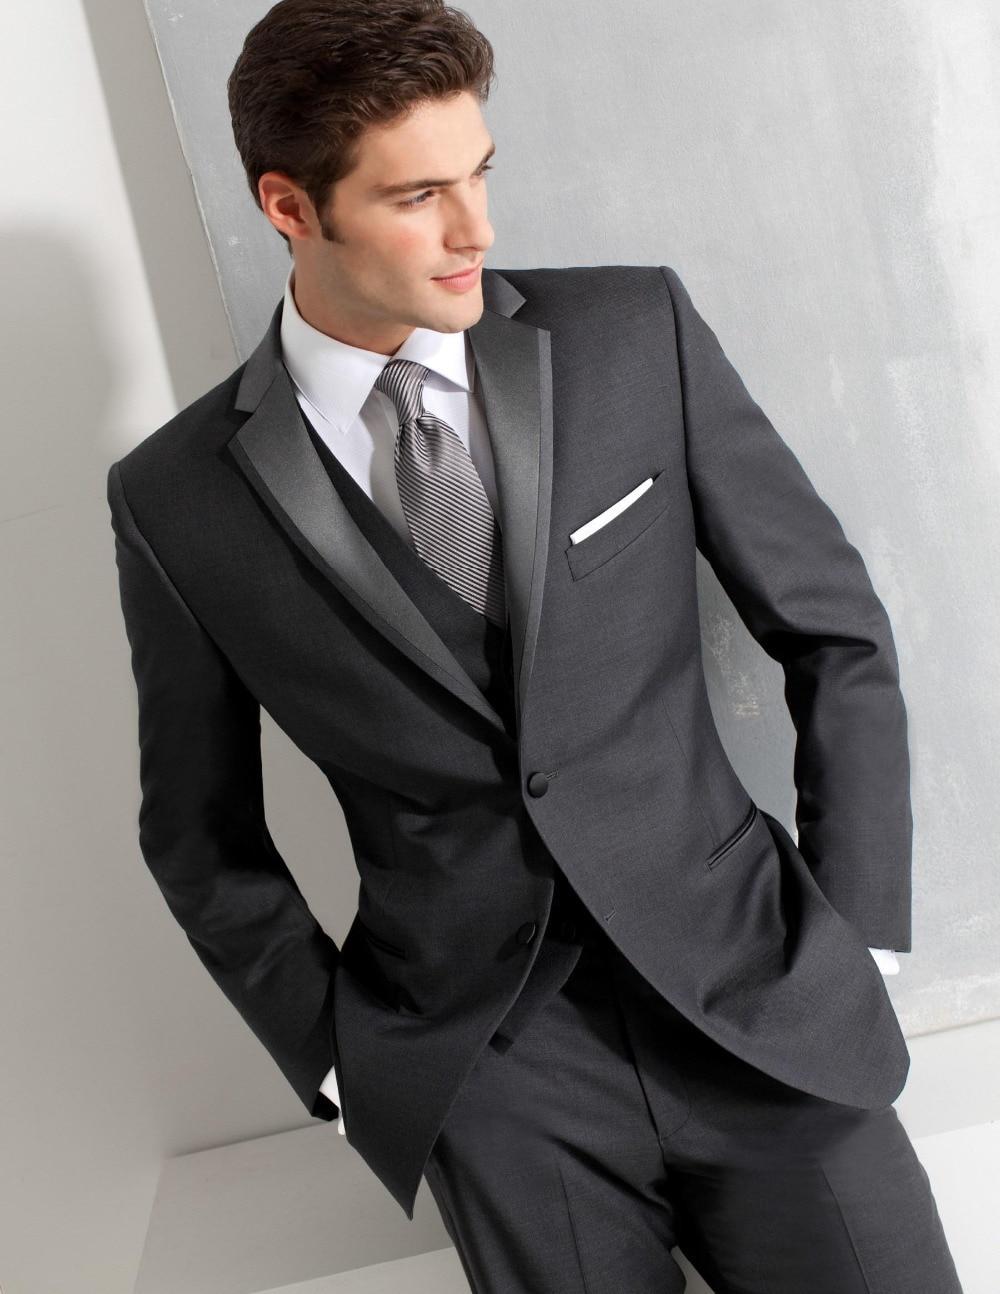 2016 nuovo design one button slim fit navy blue groom tuxedo picco risvolto best man groomsmen uomo abiti da sposa sposo - 6